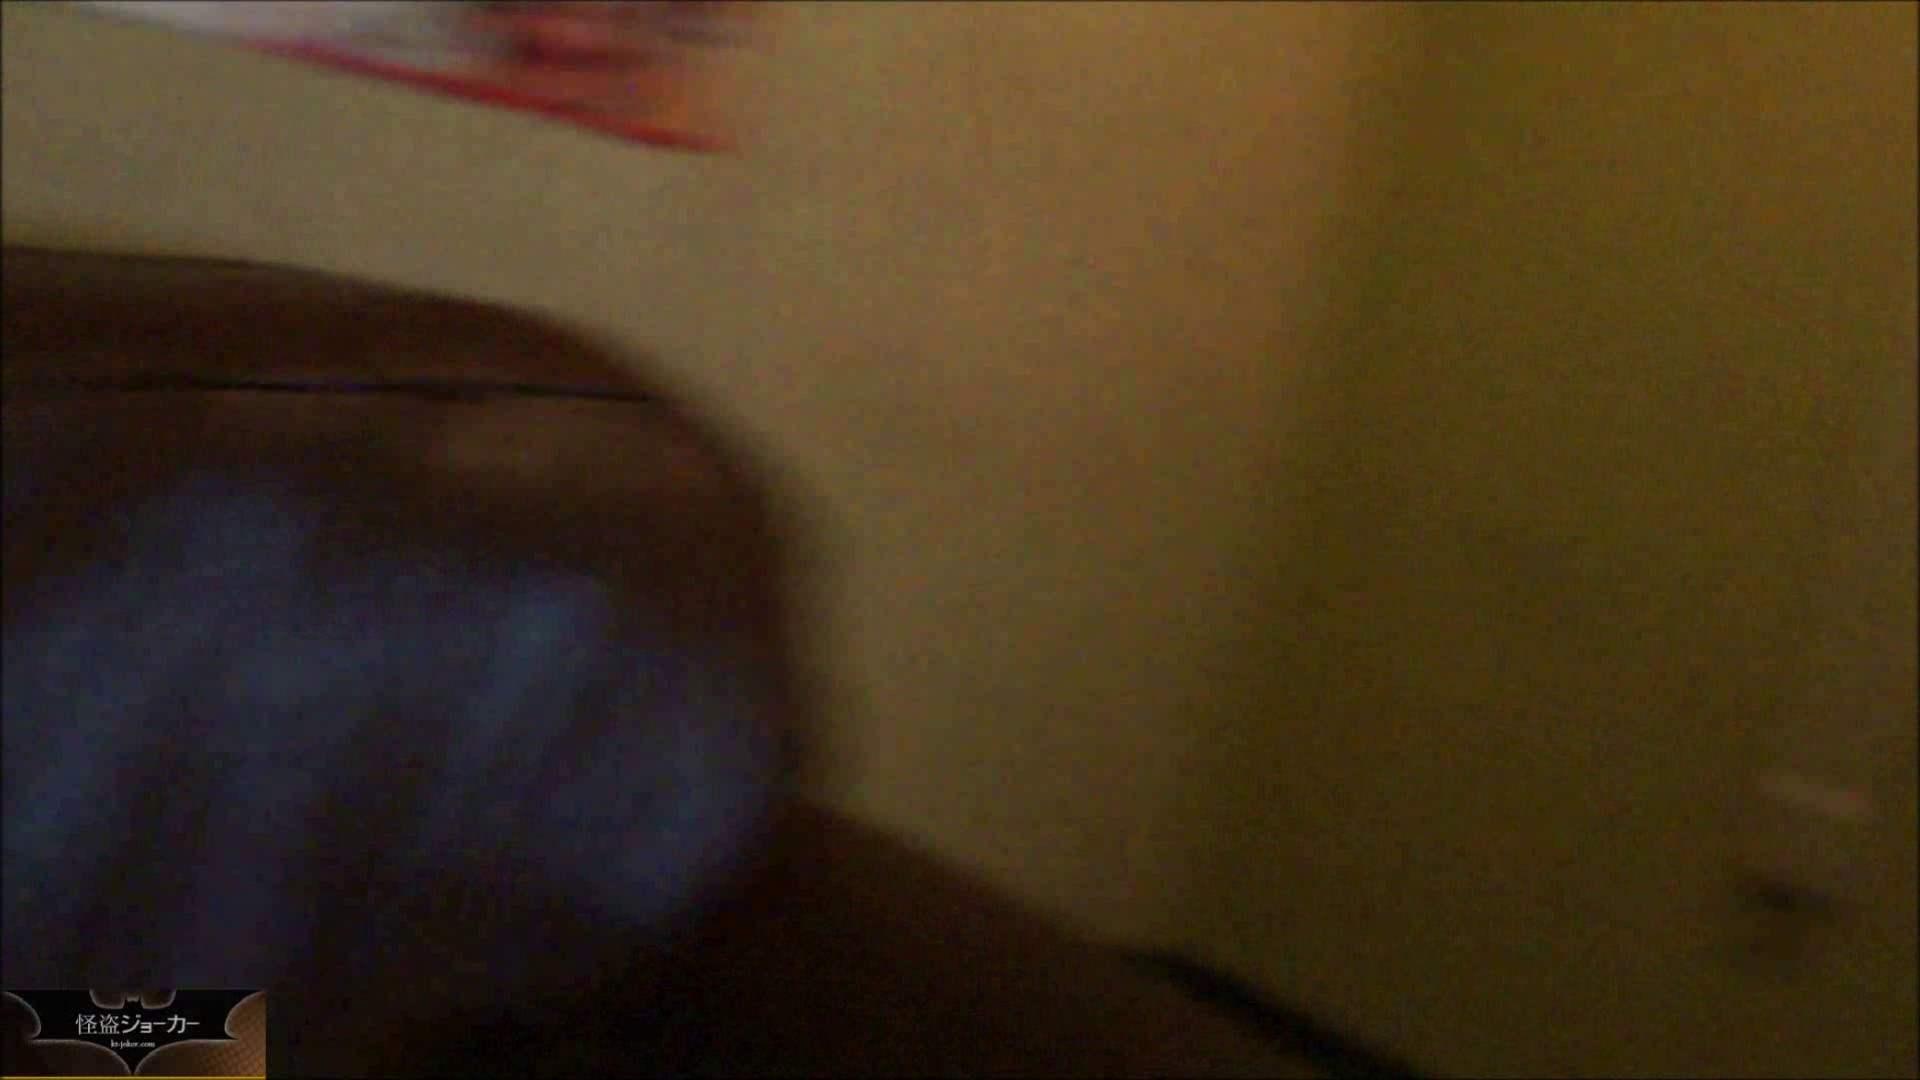 vol.2【白衣の天使・23歳】☆のりこちゃん☆カラオケで酔い潰して!! マンコ  112PIX 24